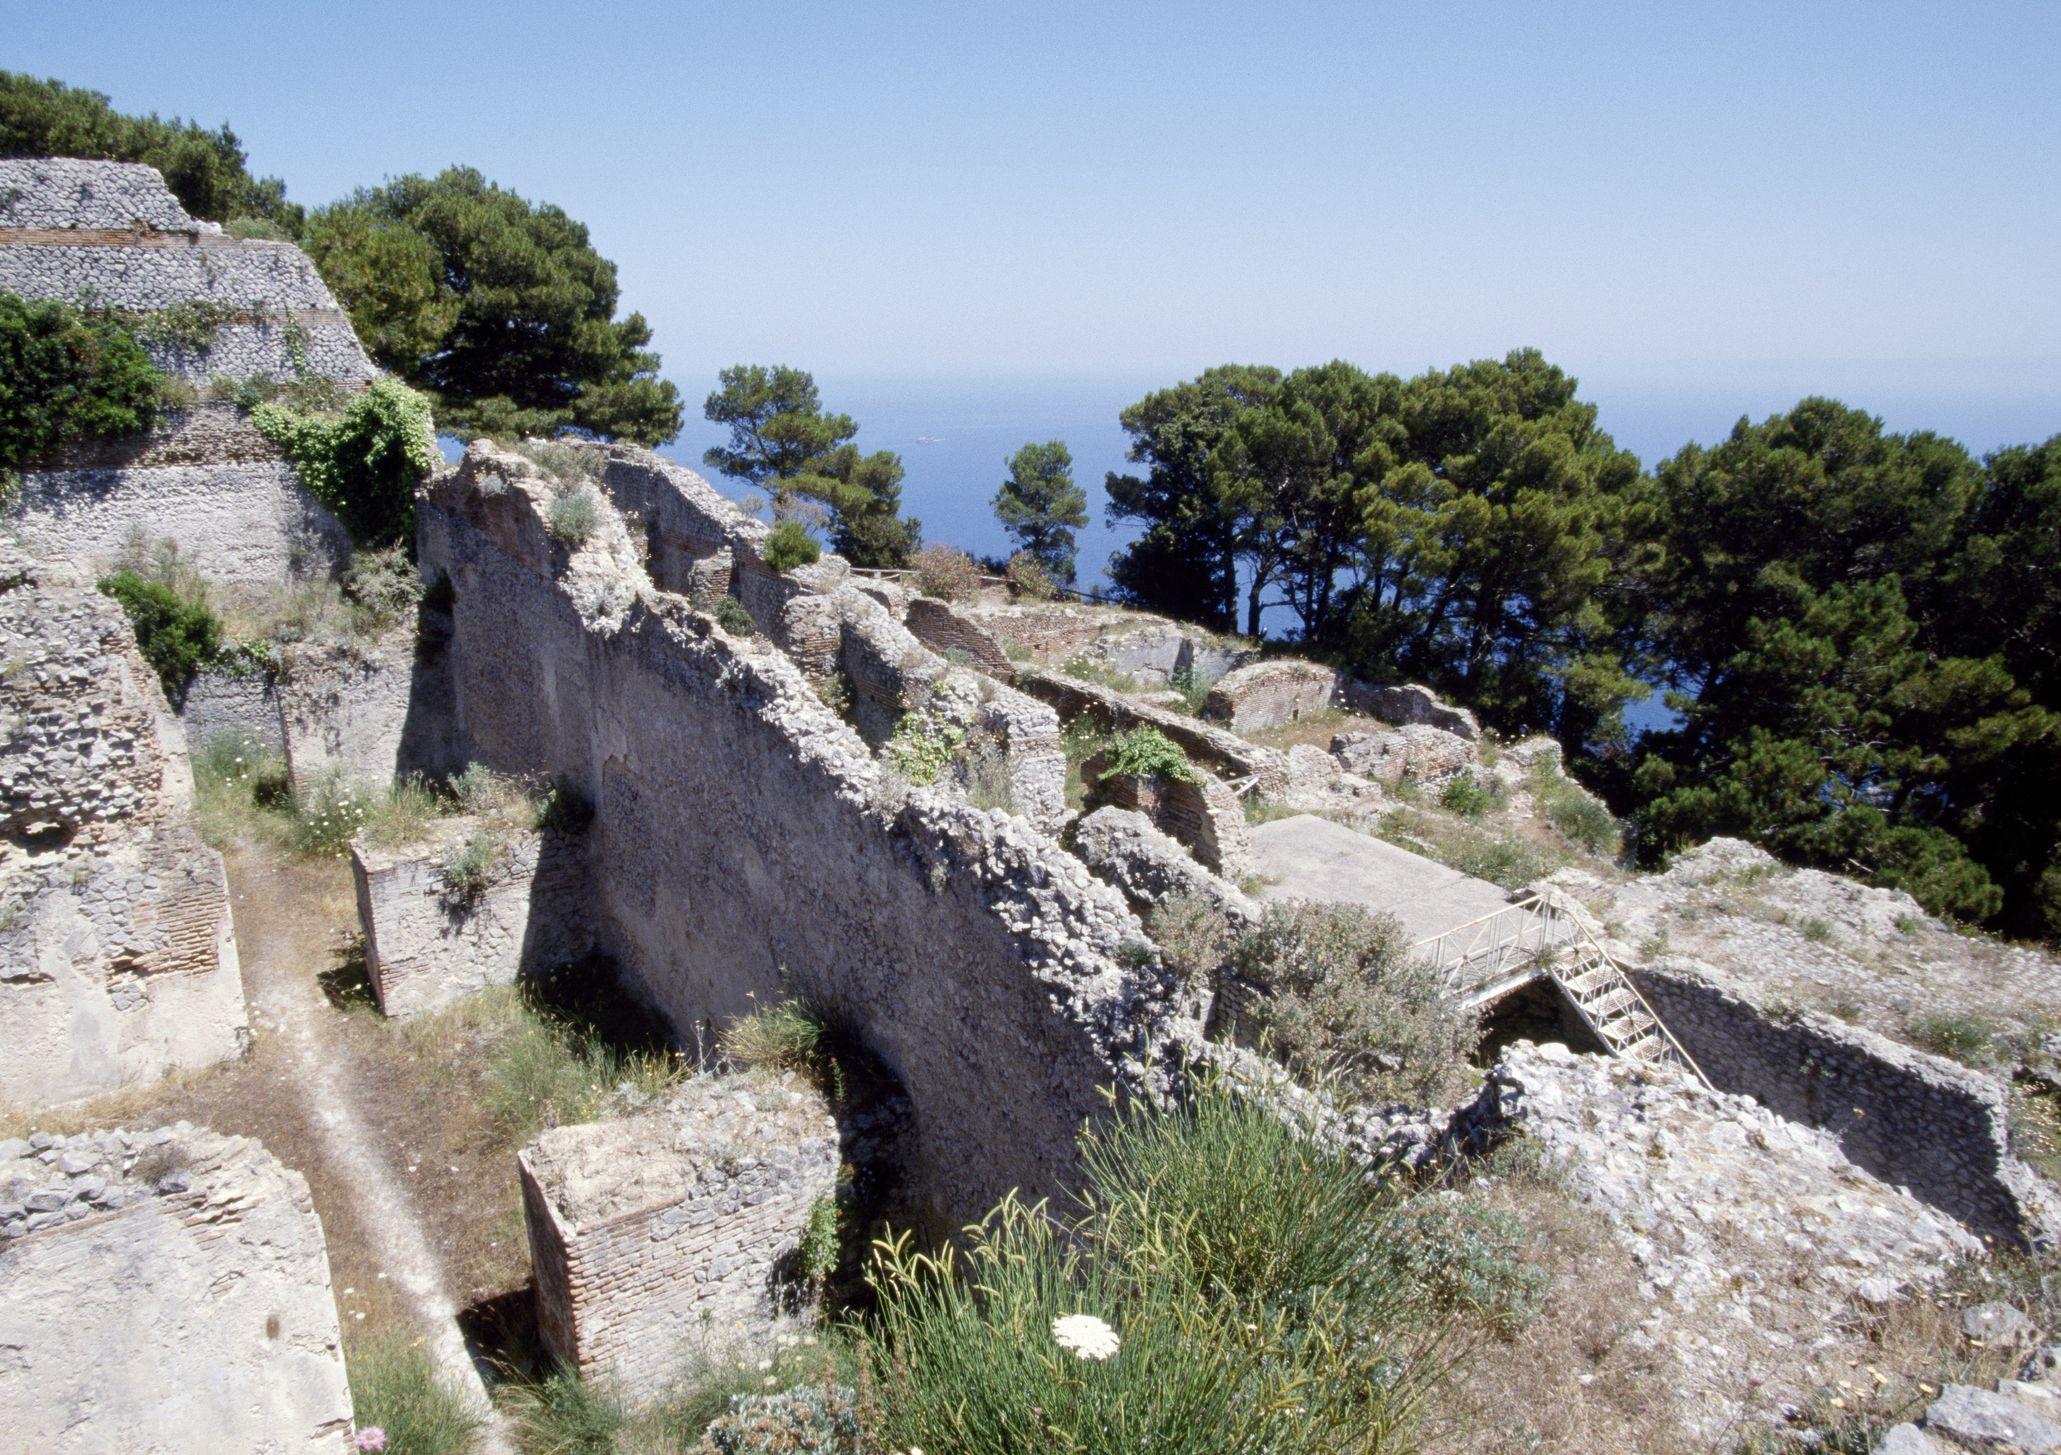 View of ruins of Villa Jovis, Capri, Campania, Italy. Roman civilization, 1st century